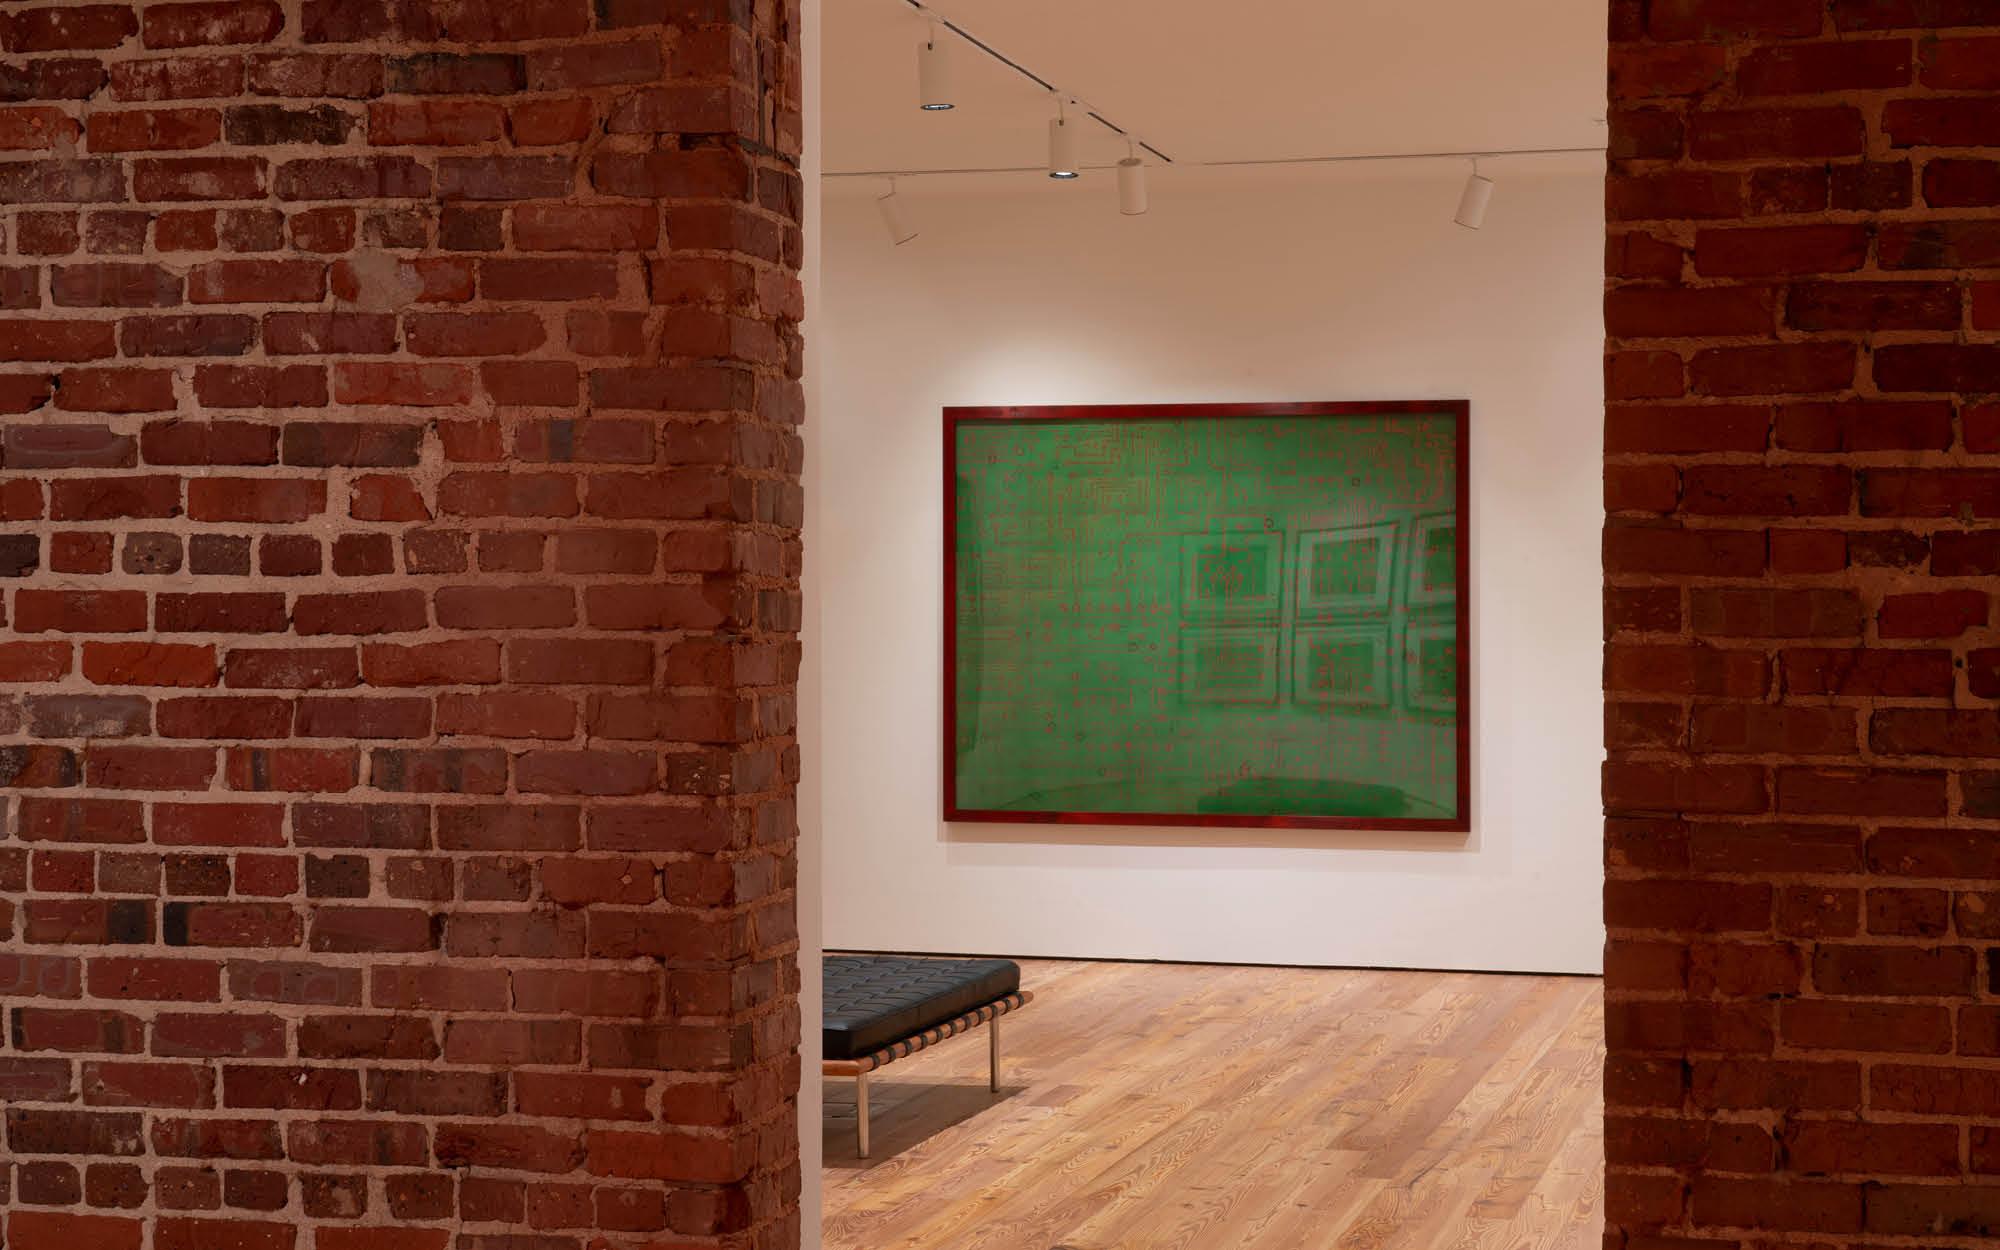 Vik Muniz exhibition, North Gallery